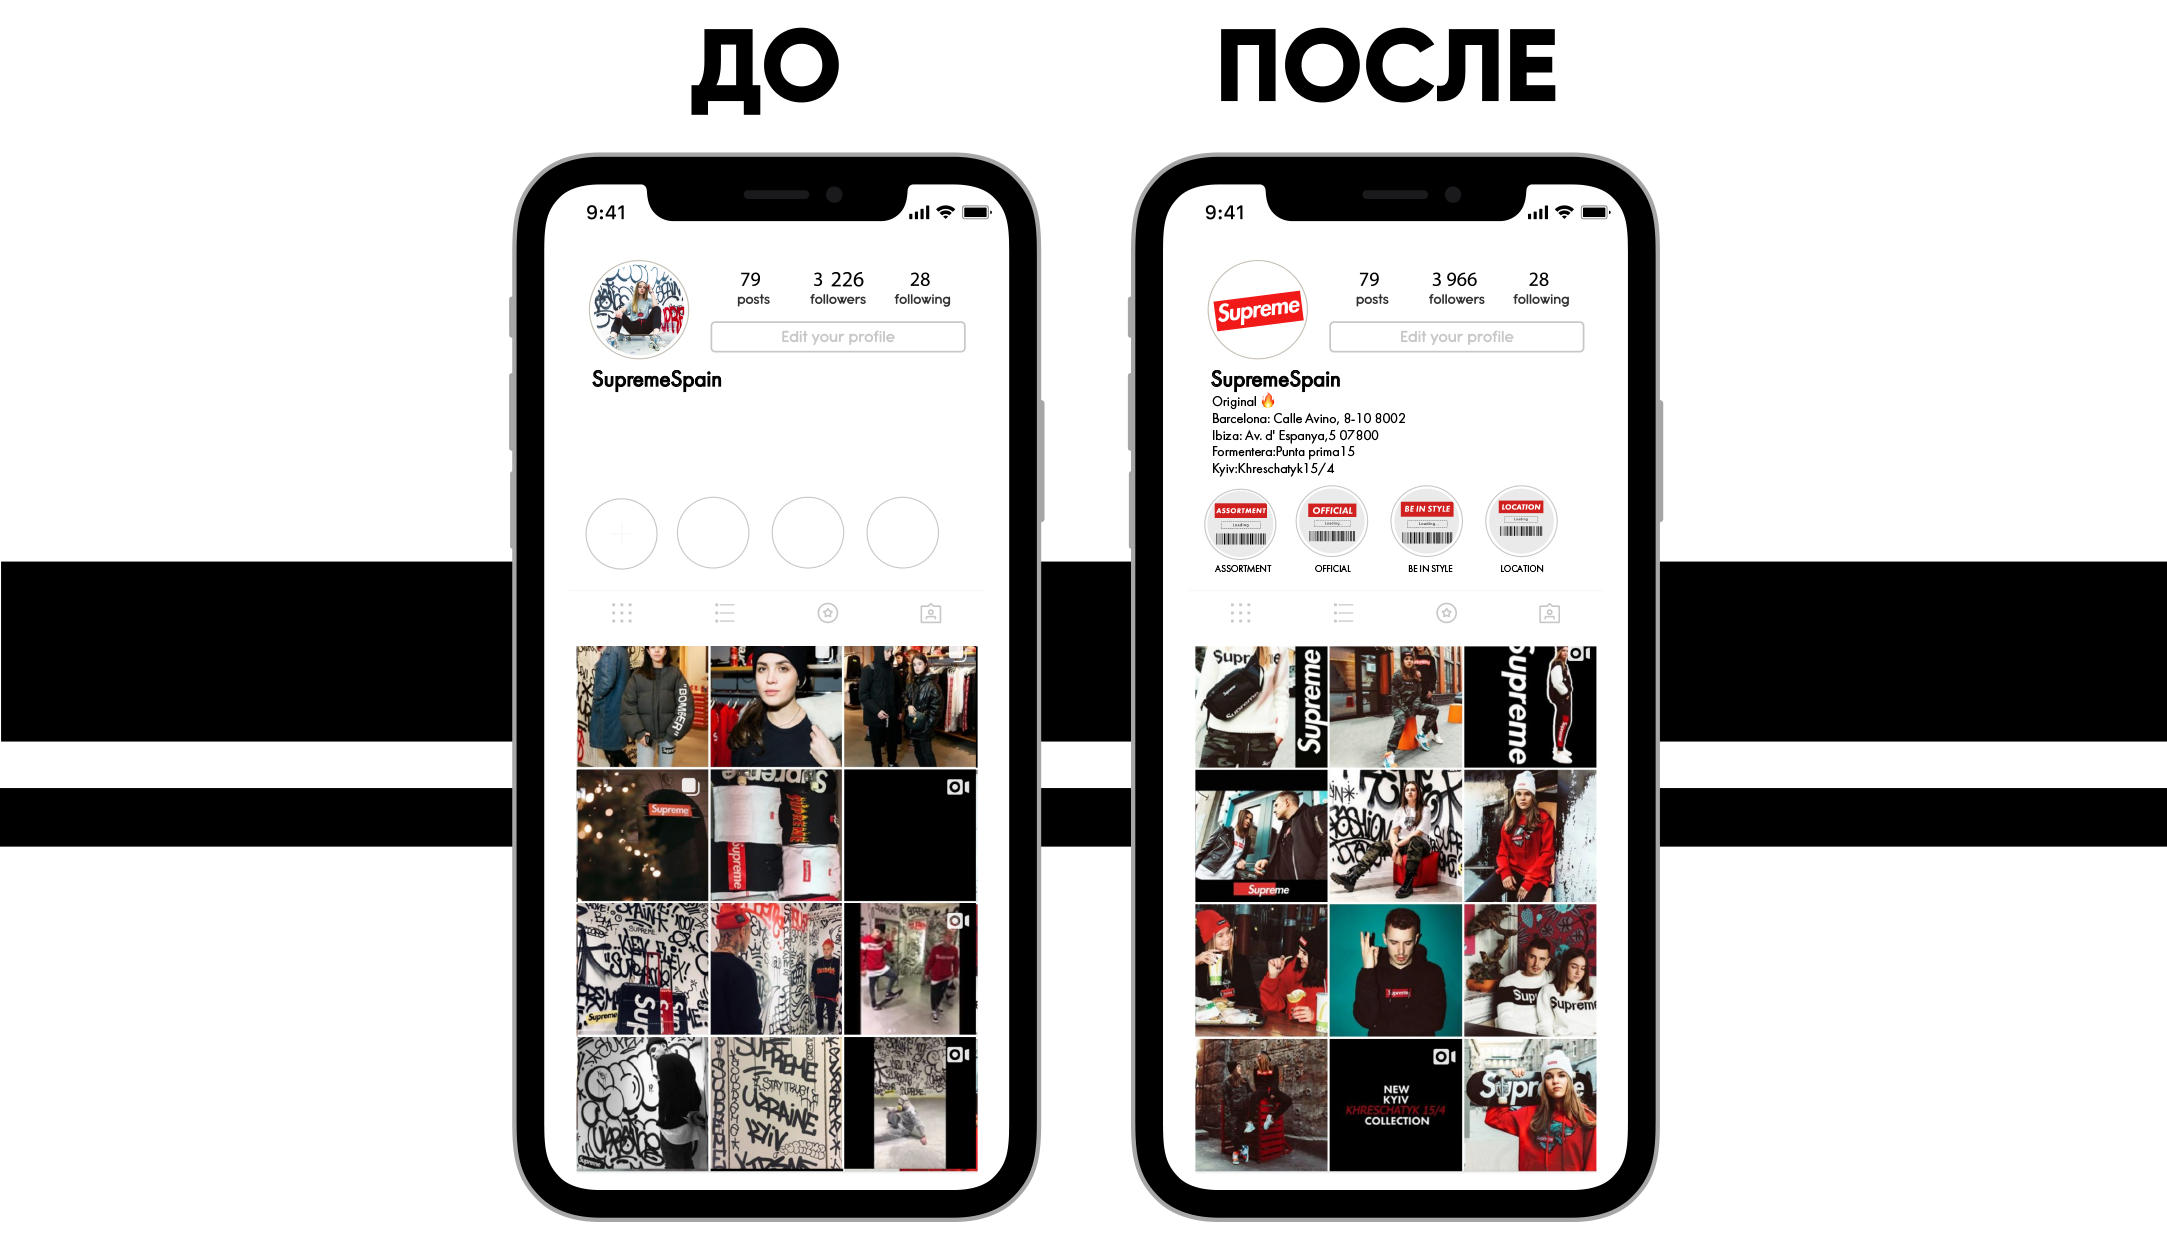 Створення візуального контенту для бренду одягу Supreme